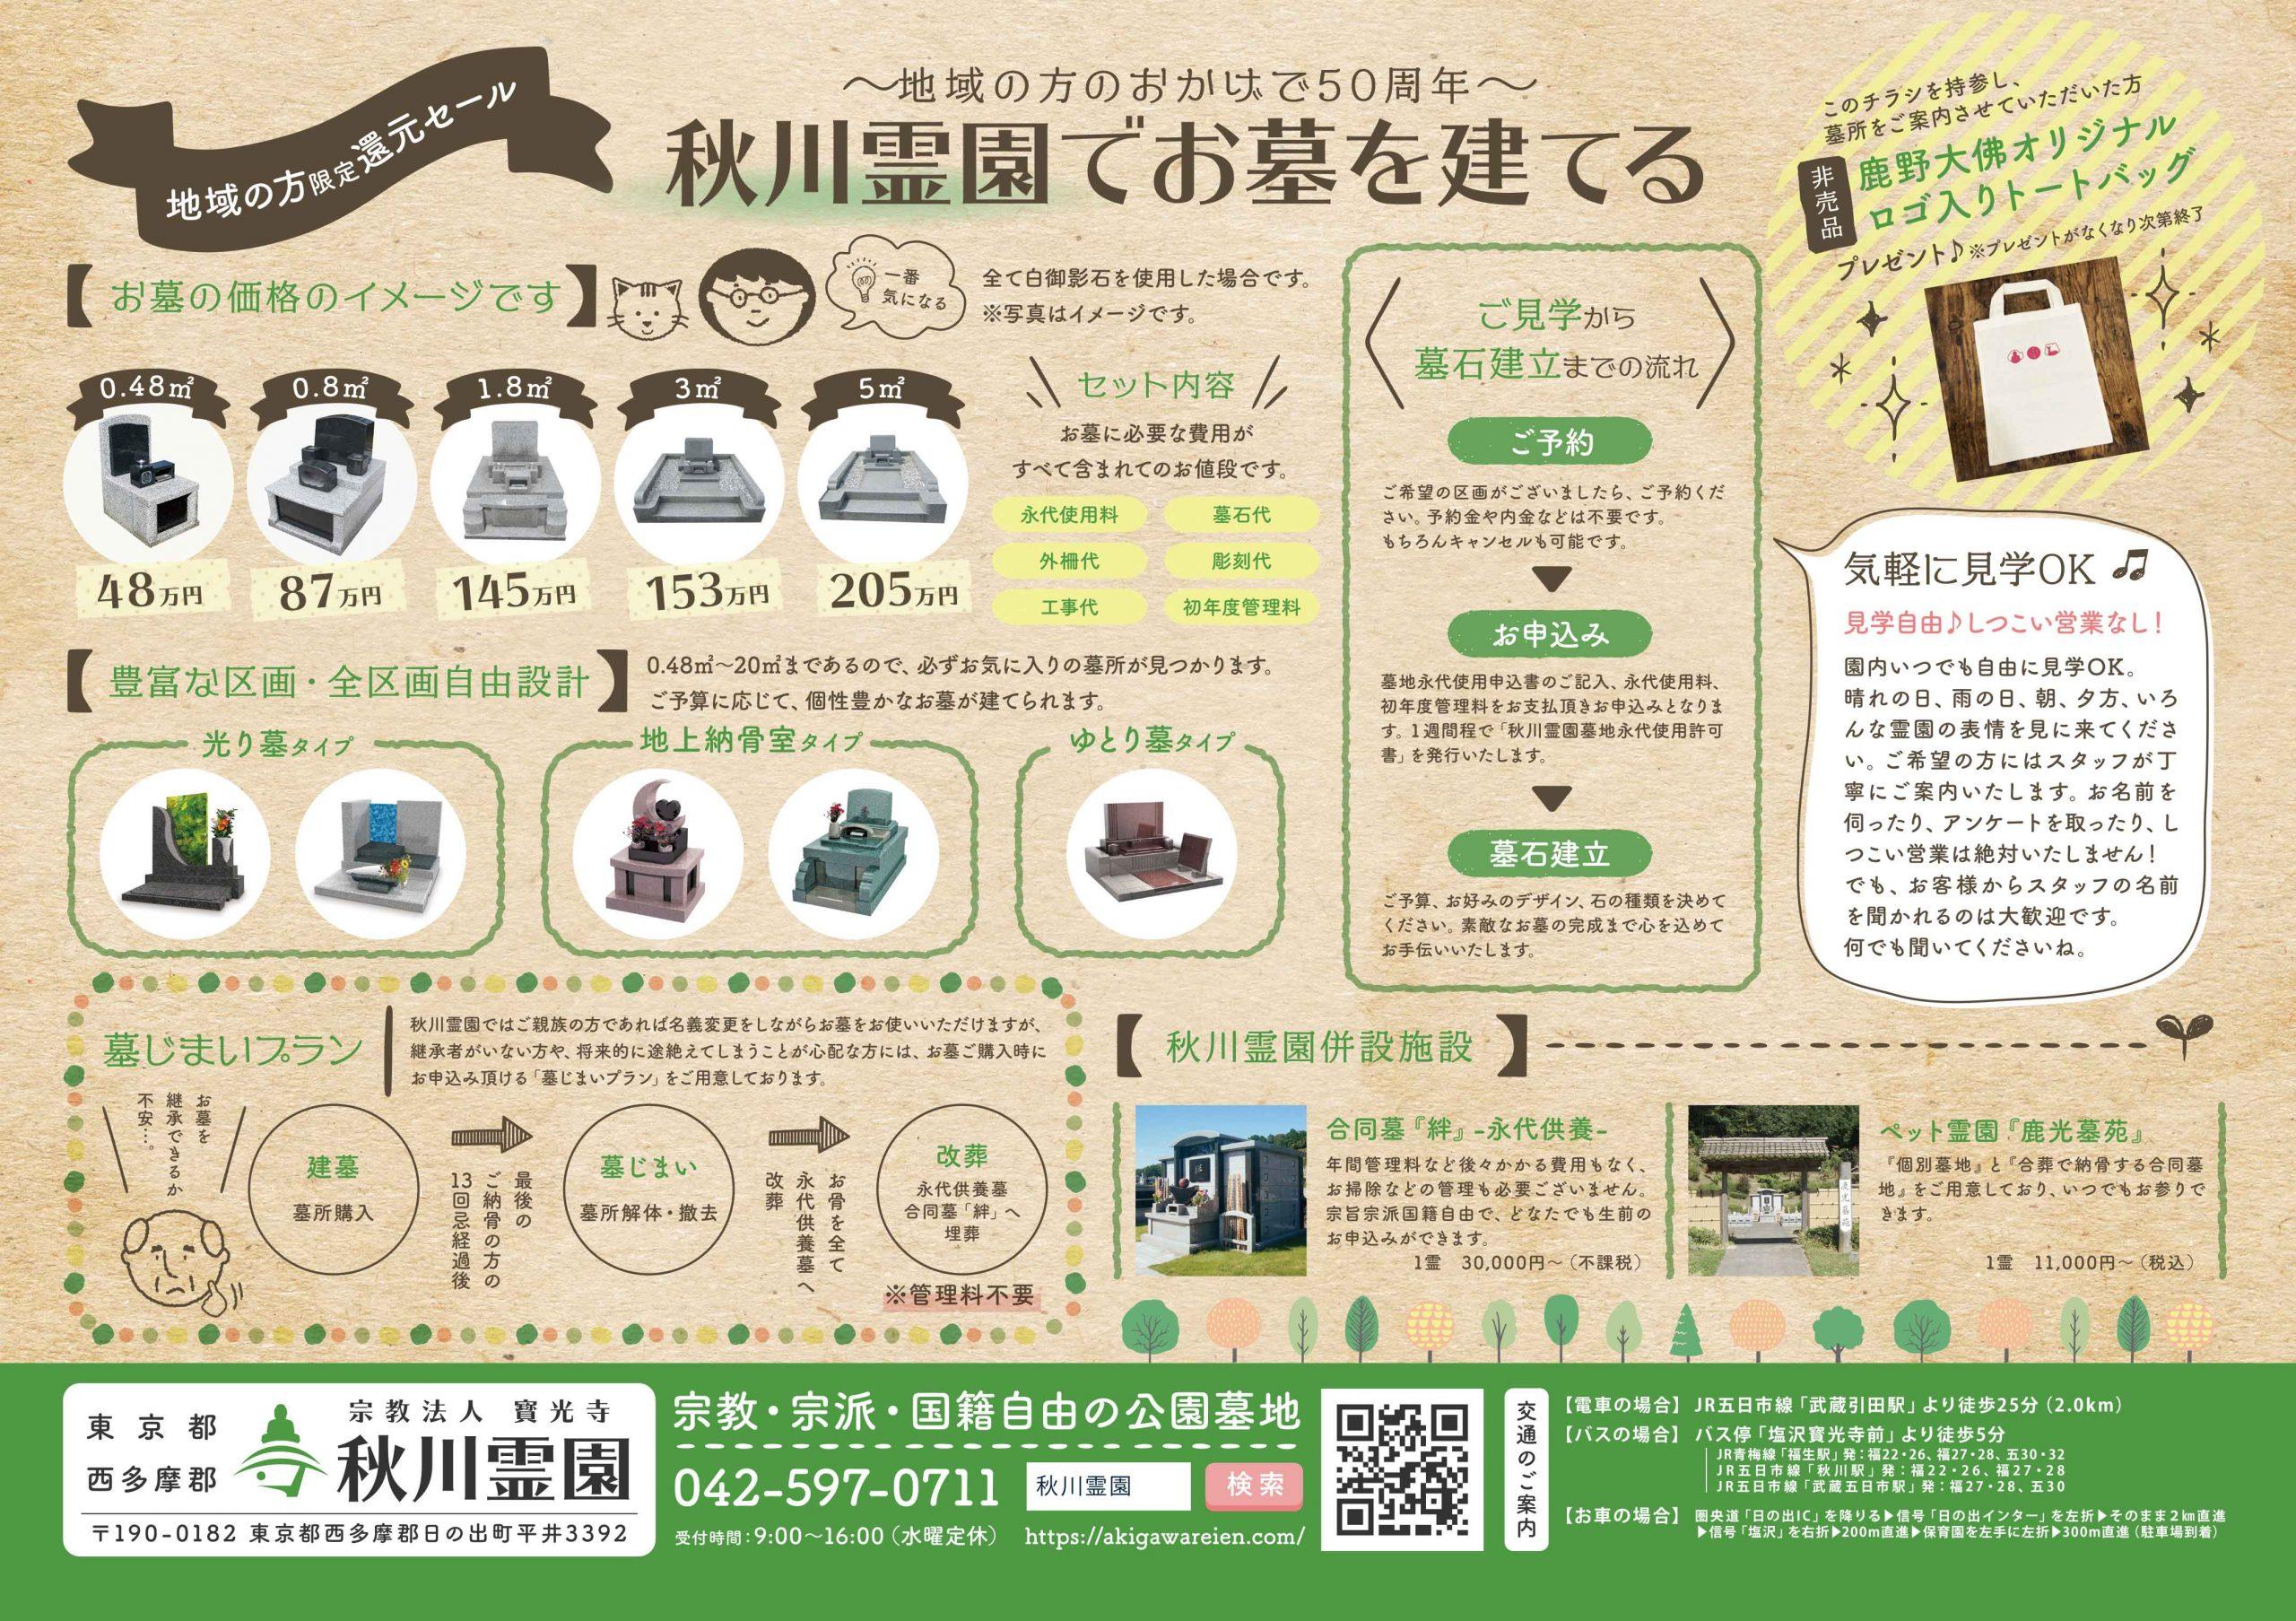 開園50周年・秋川霊園 宗教・宗派・国籍自由の公園墓地(裏)